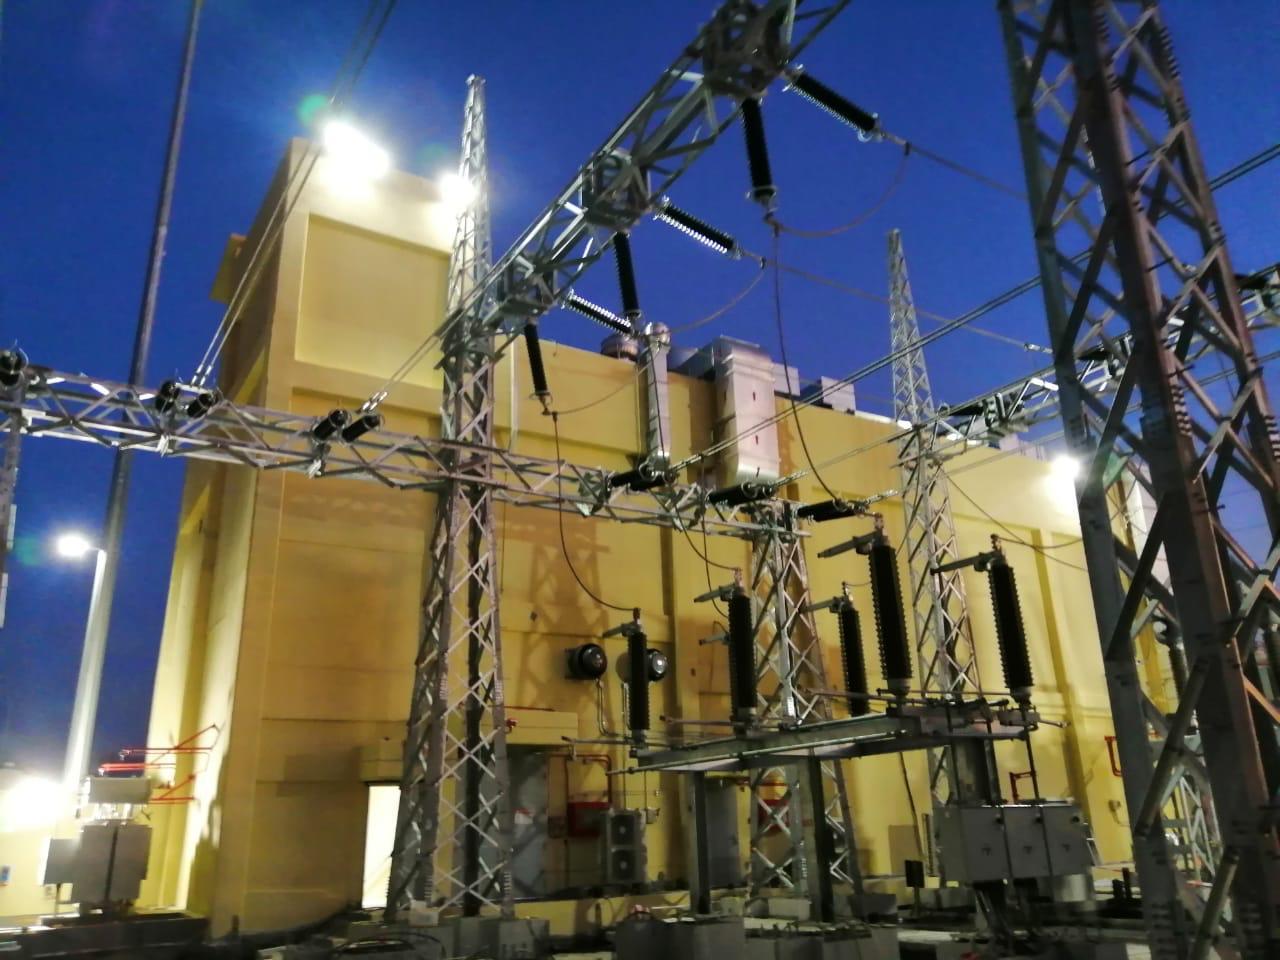 إنجاز مشروع رفع الطاقة الاستيعابية لمحطة عرفات1، بمقدار 134 م